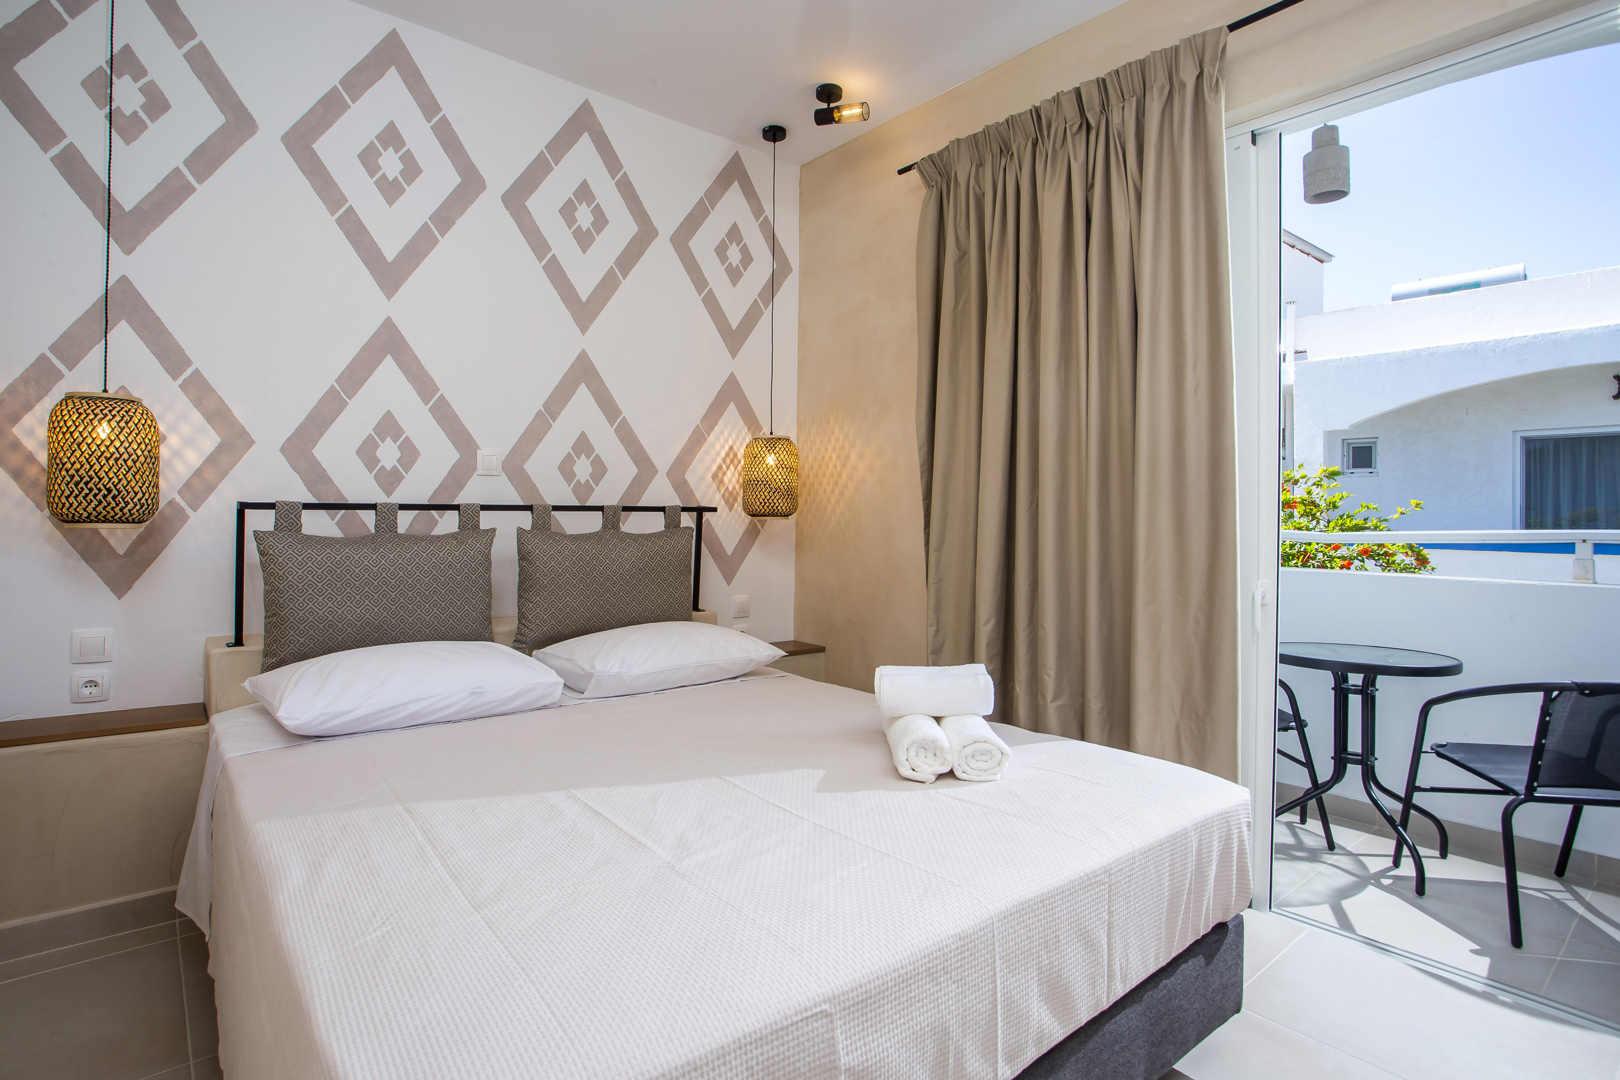 Atma Beach Rooms & Suites